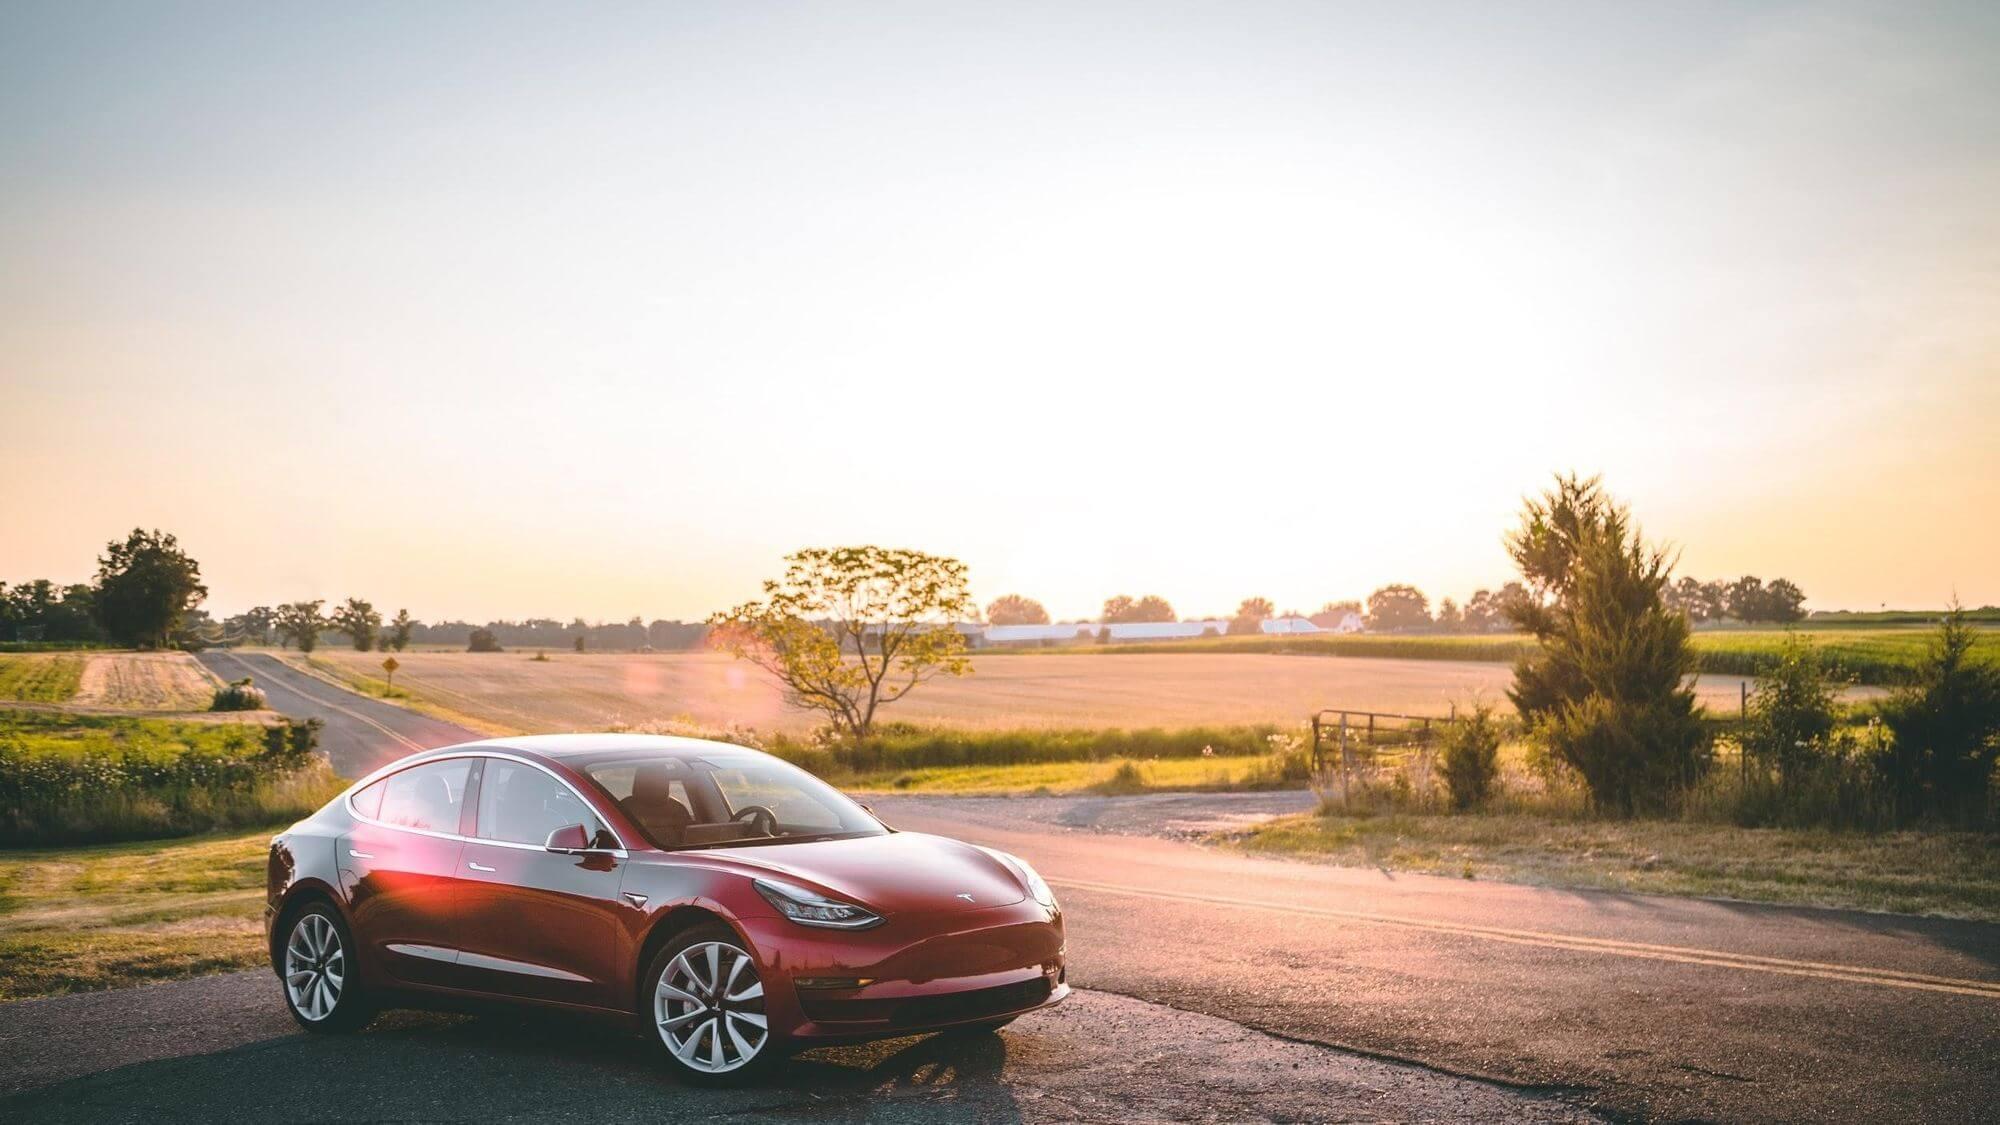 παρκαρισμένο Tesla στην άκρη του δρόμου